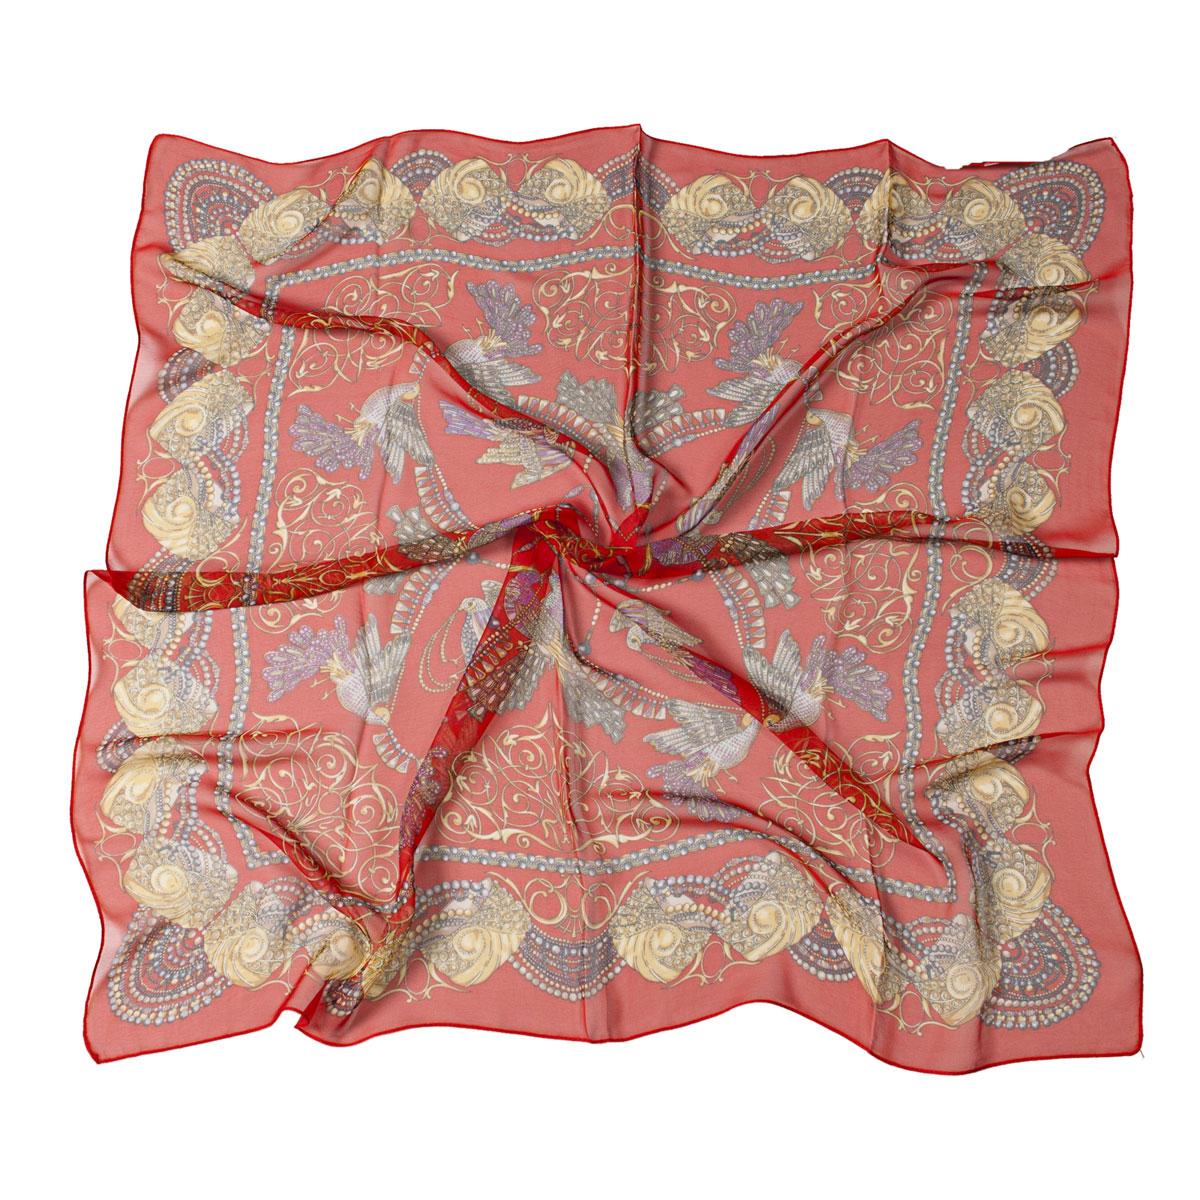 Платок женский Модные истории, цвет: красный, оранжевый. 23/0120/110. Размер 85 см x 85 см23/0120/110Легкий и воздушный платок Модные истории станет великолепным завершением любого наряда. Платок изготовлен из высококачественного полиэстера с добавлением шелка. Он оформлен красочным этническим принтом с изображением птиц. Классическая квадратная форма позволяет носить его на шее, украшать прическу или декорировать сумочку. Мягкий и шелковистый платок поможет вам создать оригинальный женственный образ.Такой платок превосходно дополнит любой наряд и подчеркнет ваш неповторимый вкус и элегантность.